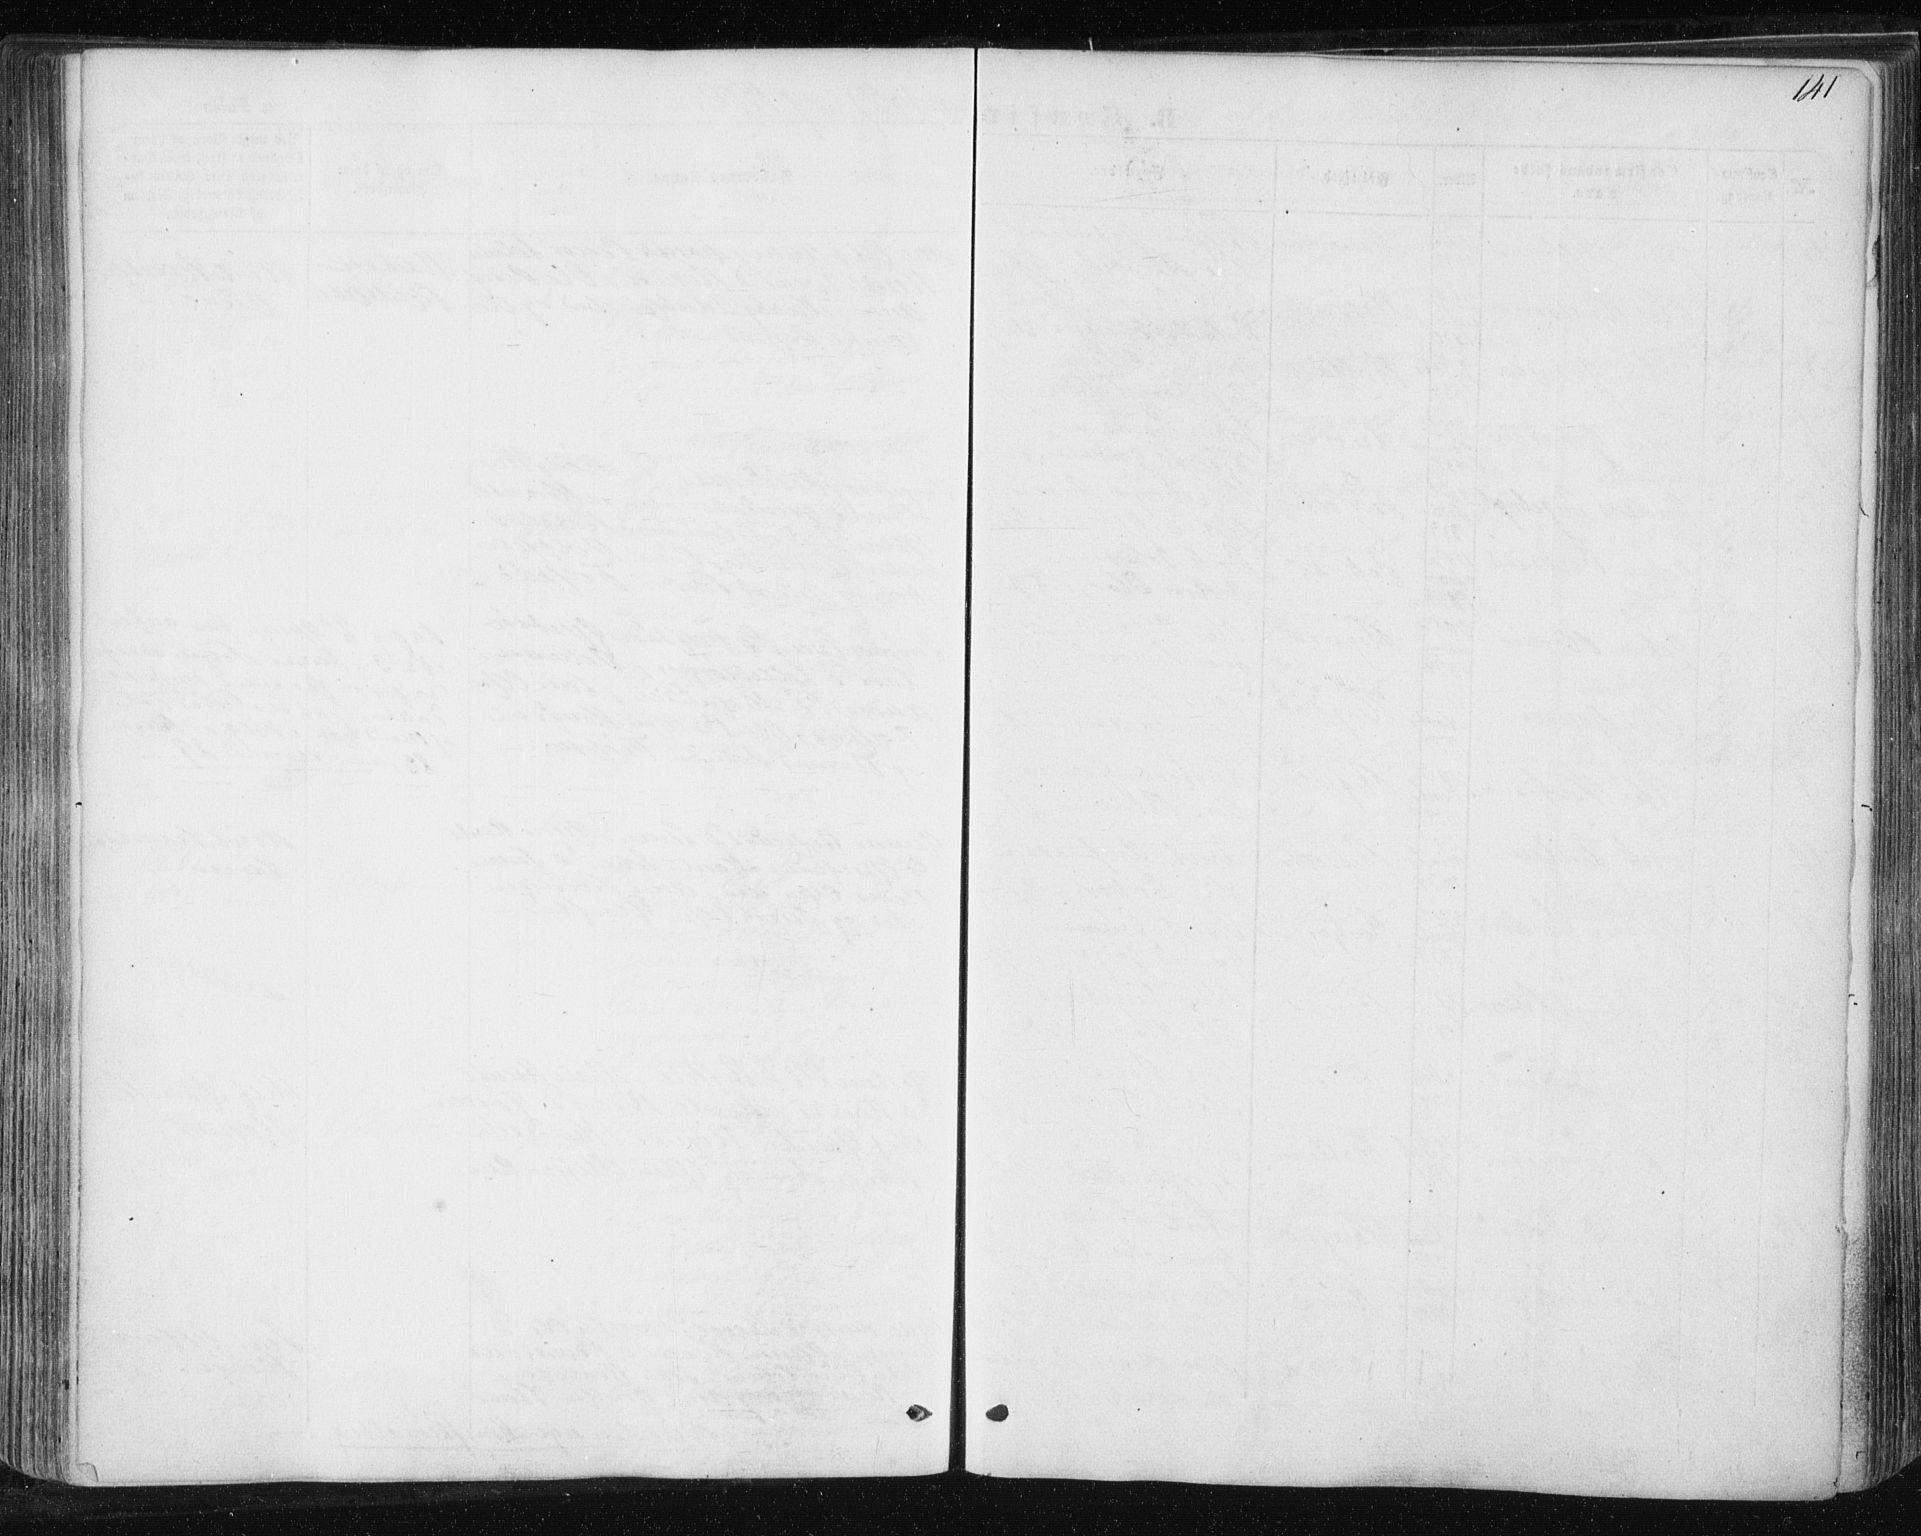 SAT, Ministerialprotokoller, klokkerbøker og fødselsregistre - Sør-Trøndelag, 687/L1000: Ministerialbok nr. 687A06, 1848-1869, s. 141